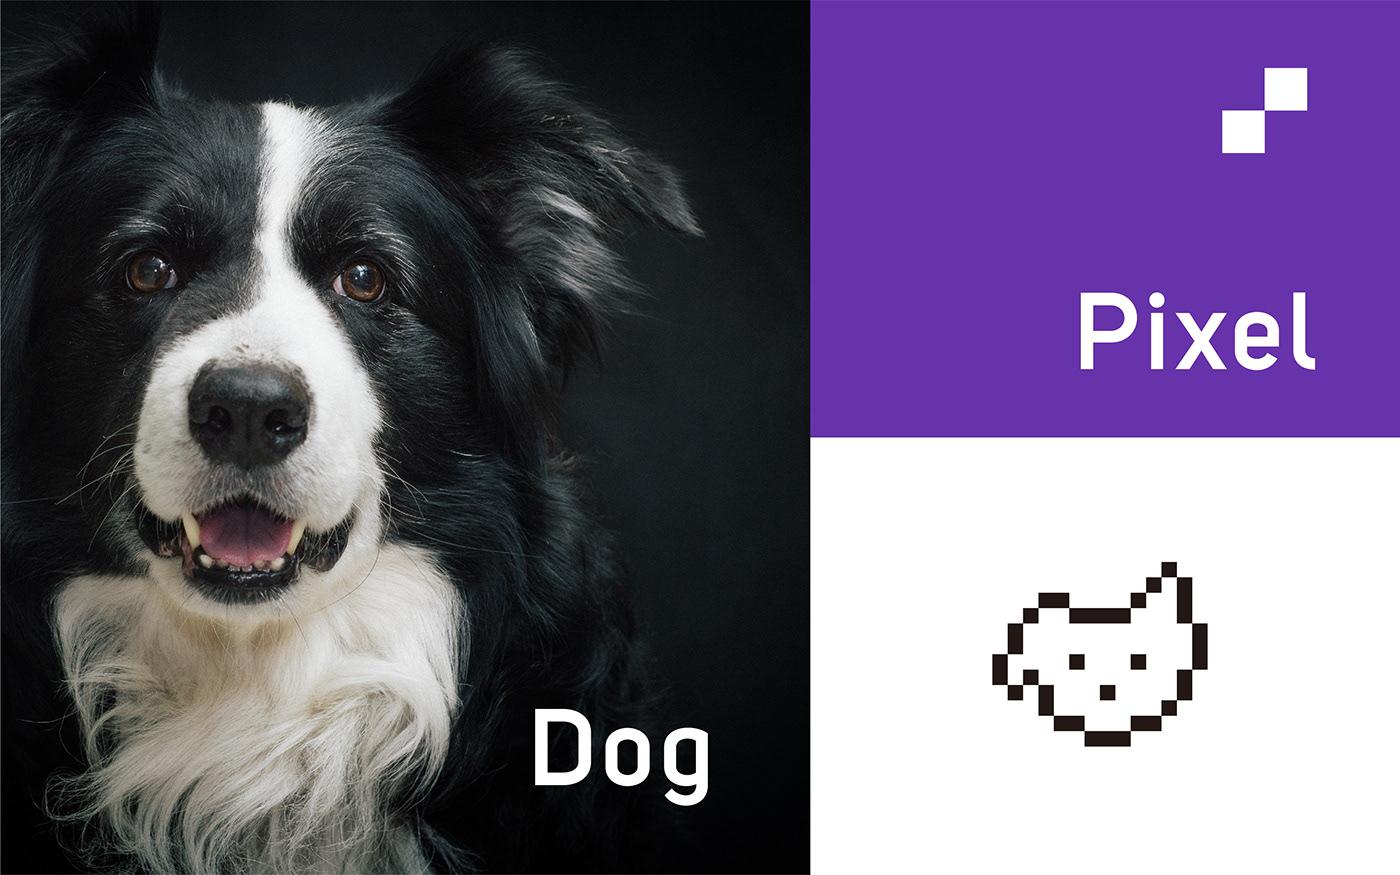 狗粮包装设计,,宠物店品牌设计,宠物用品包装设计,玩具包装设计,图形设计